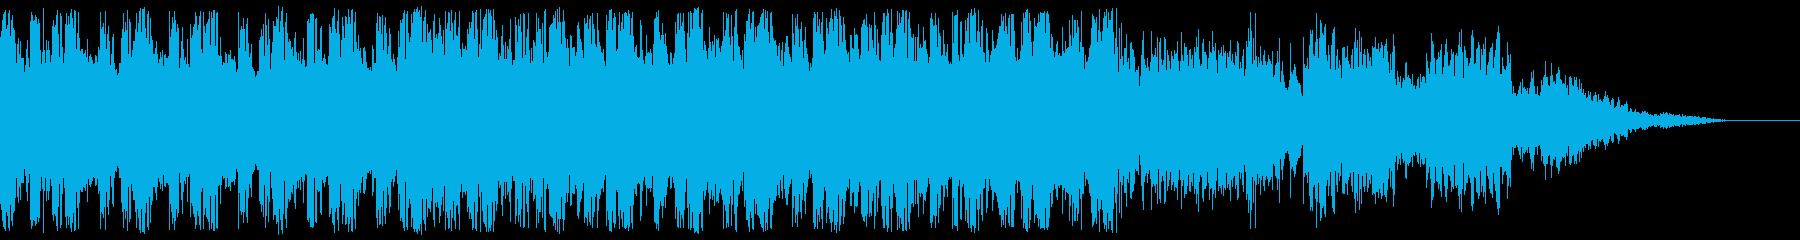 近未来的、クールなデジタルサウンドの再生済みの波形